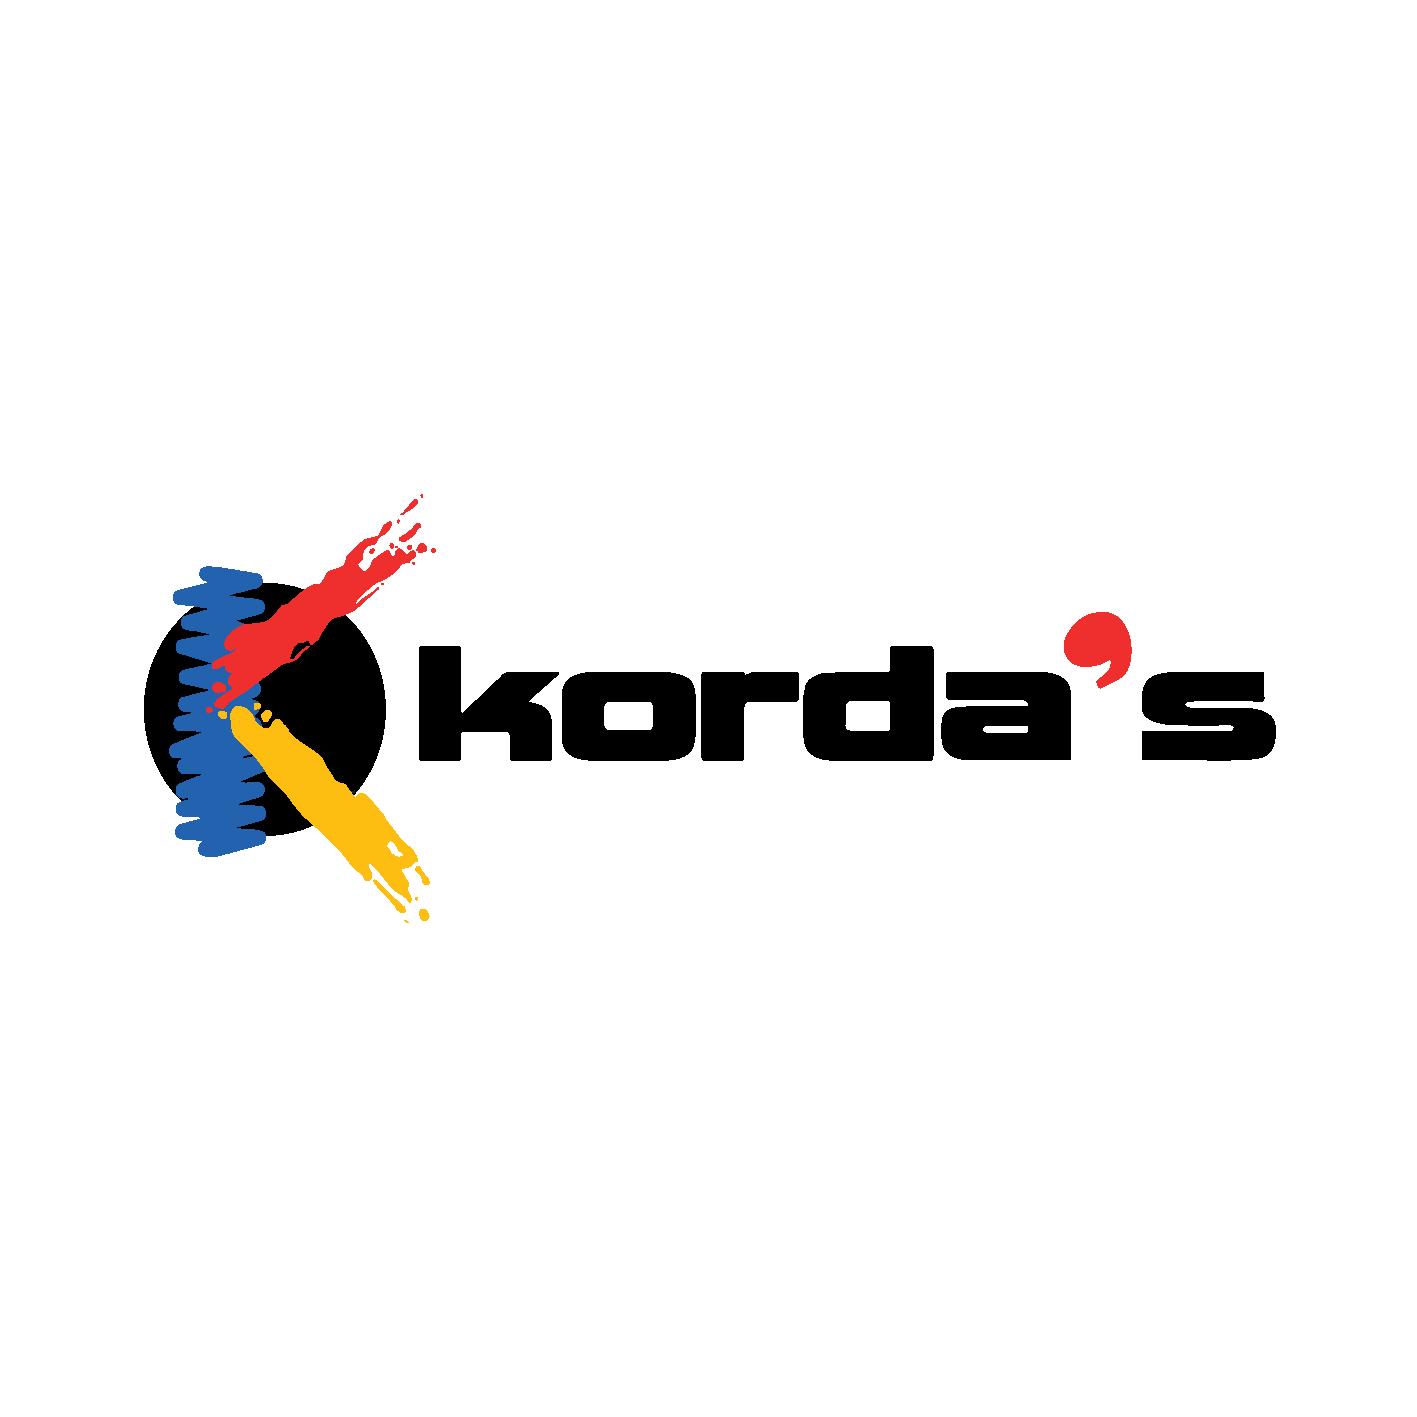 KORDA'S